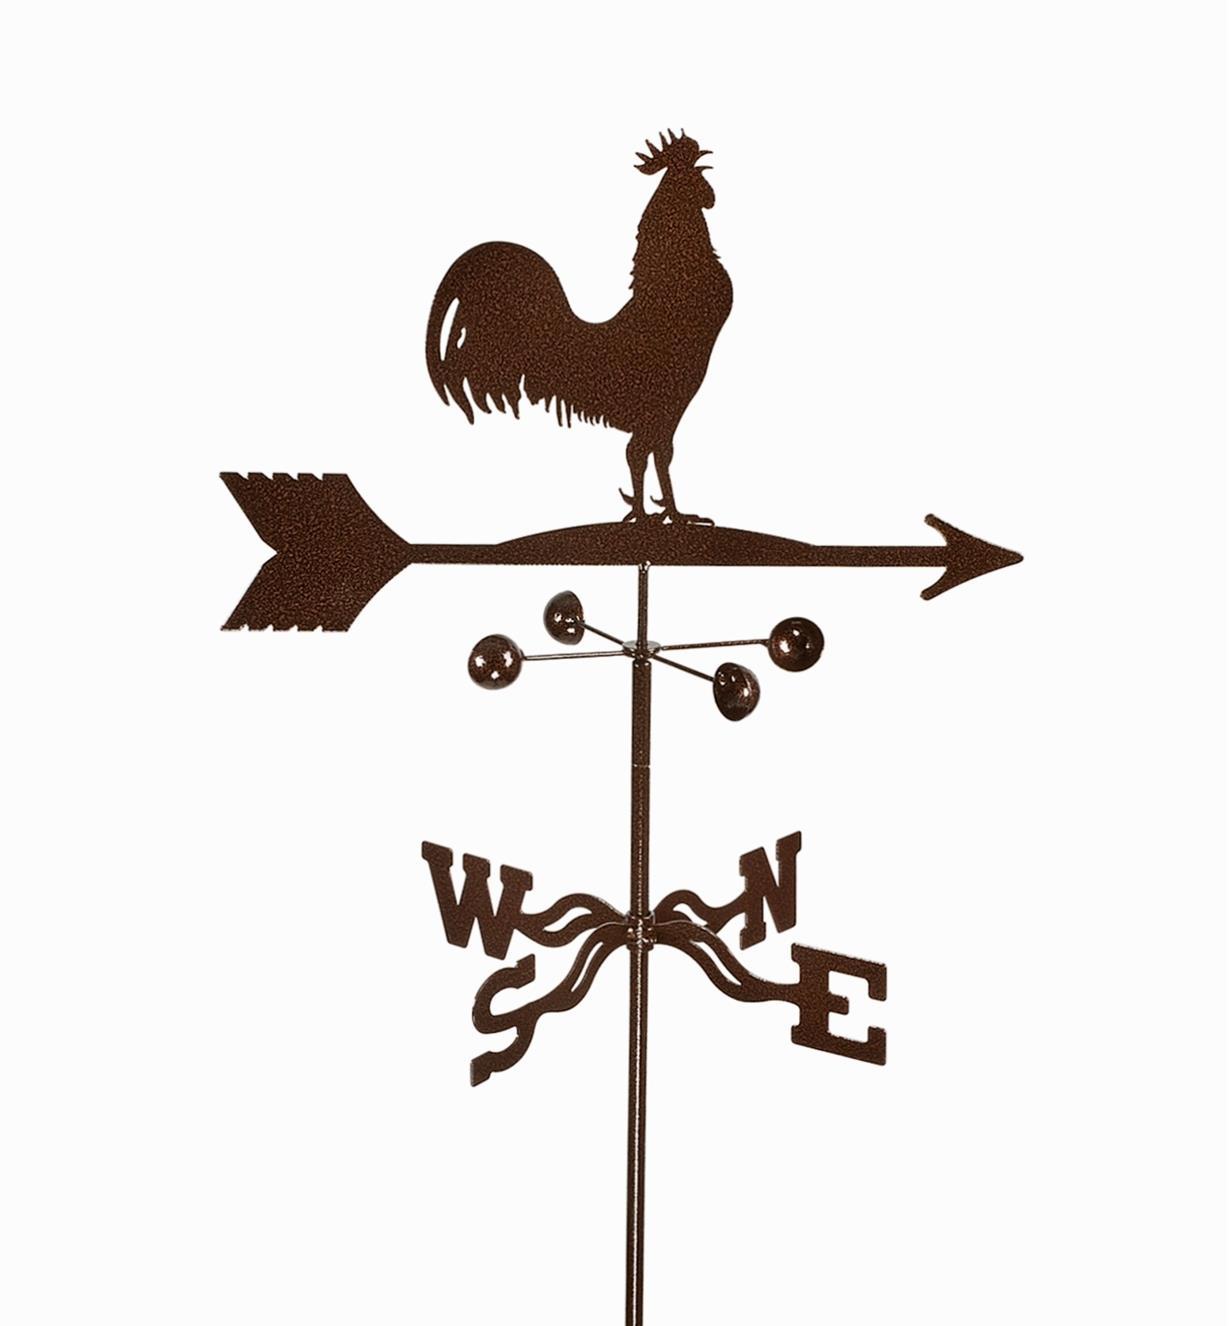 BV520 - Rooster Weathervane, Garden